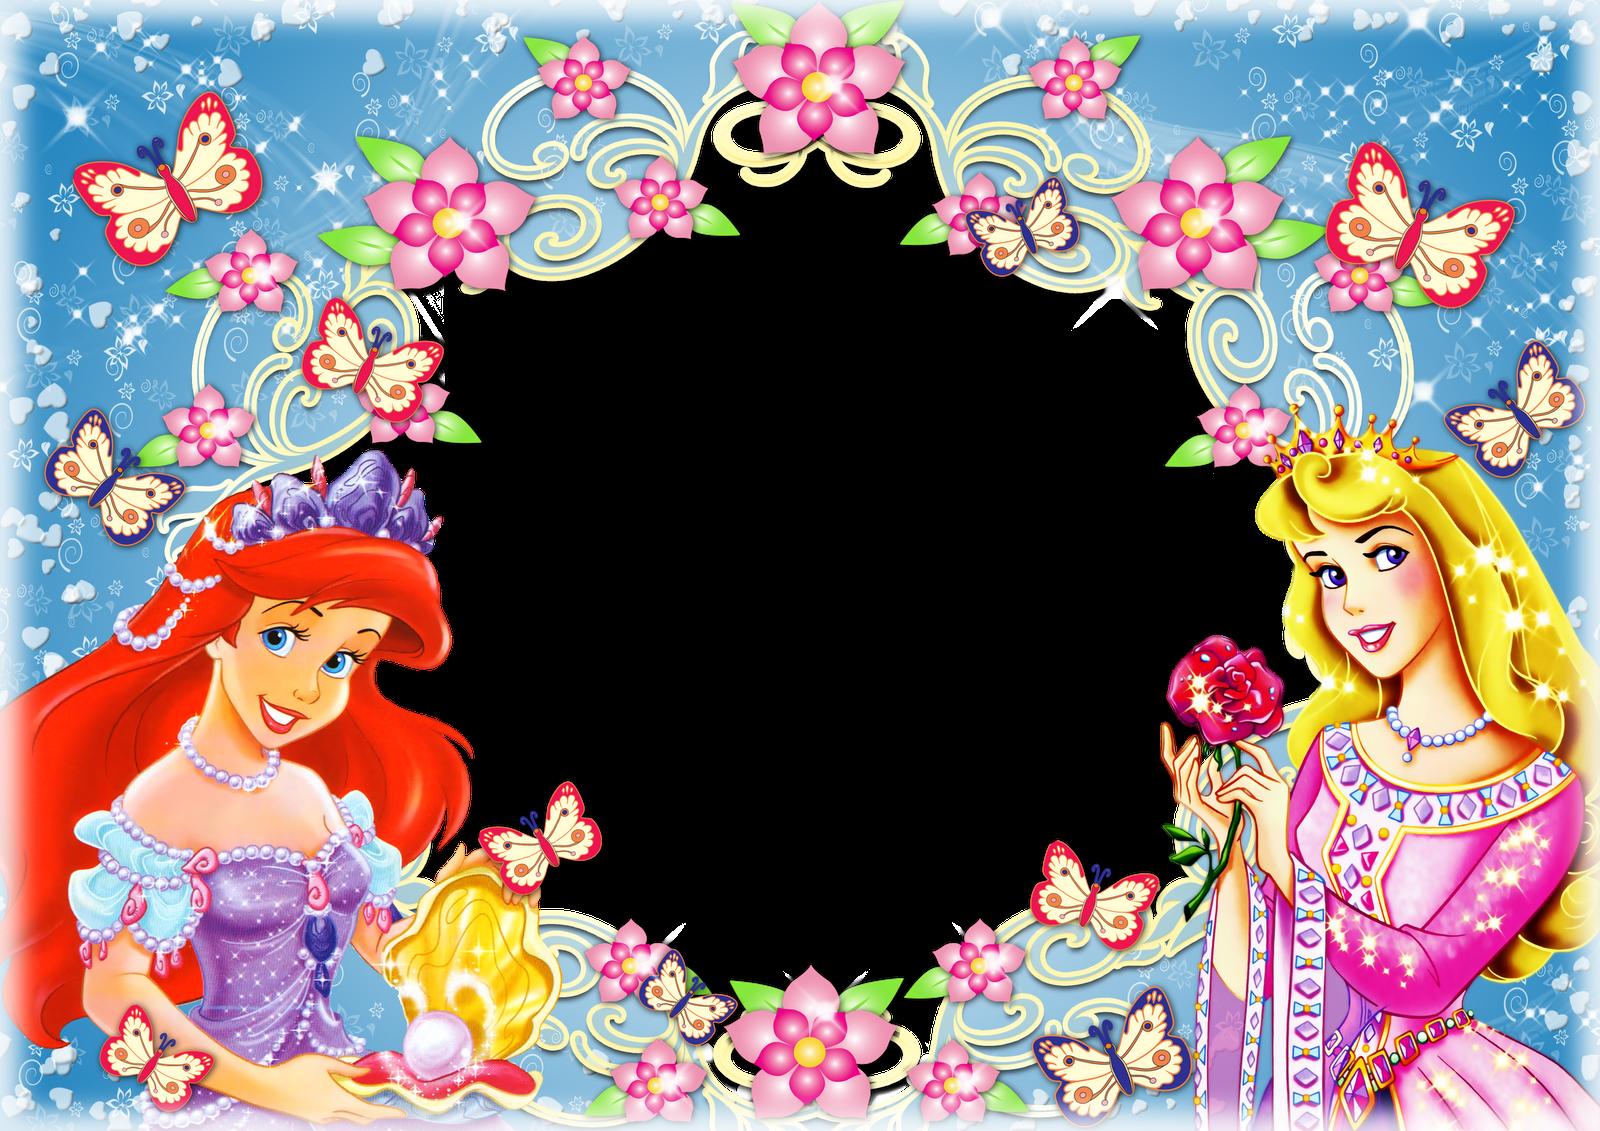 Marcos para tus fotos gratis Disney Princesas fondo transparente ...